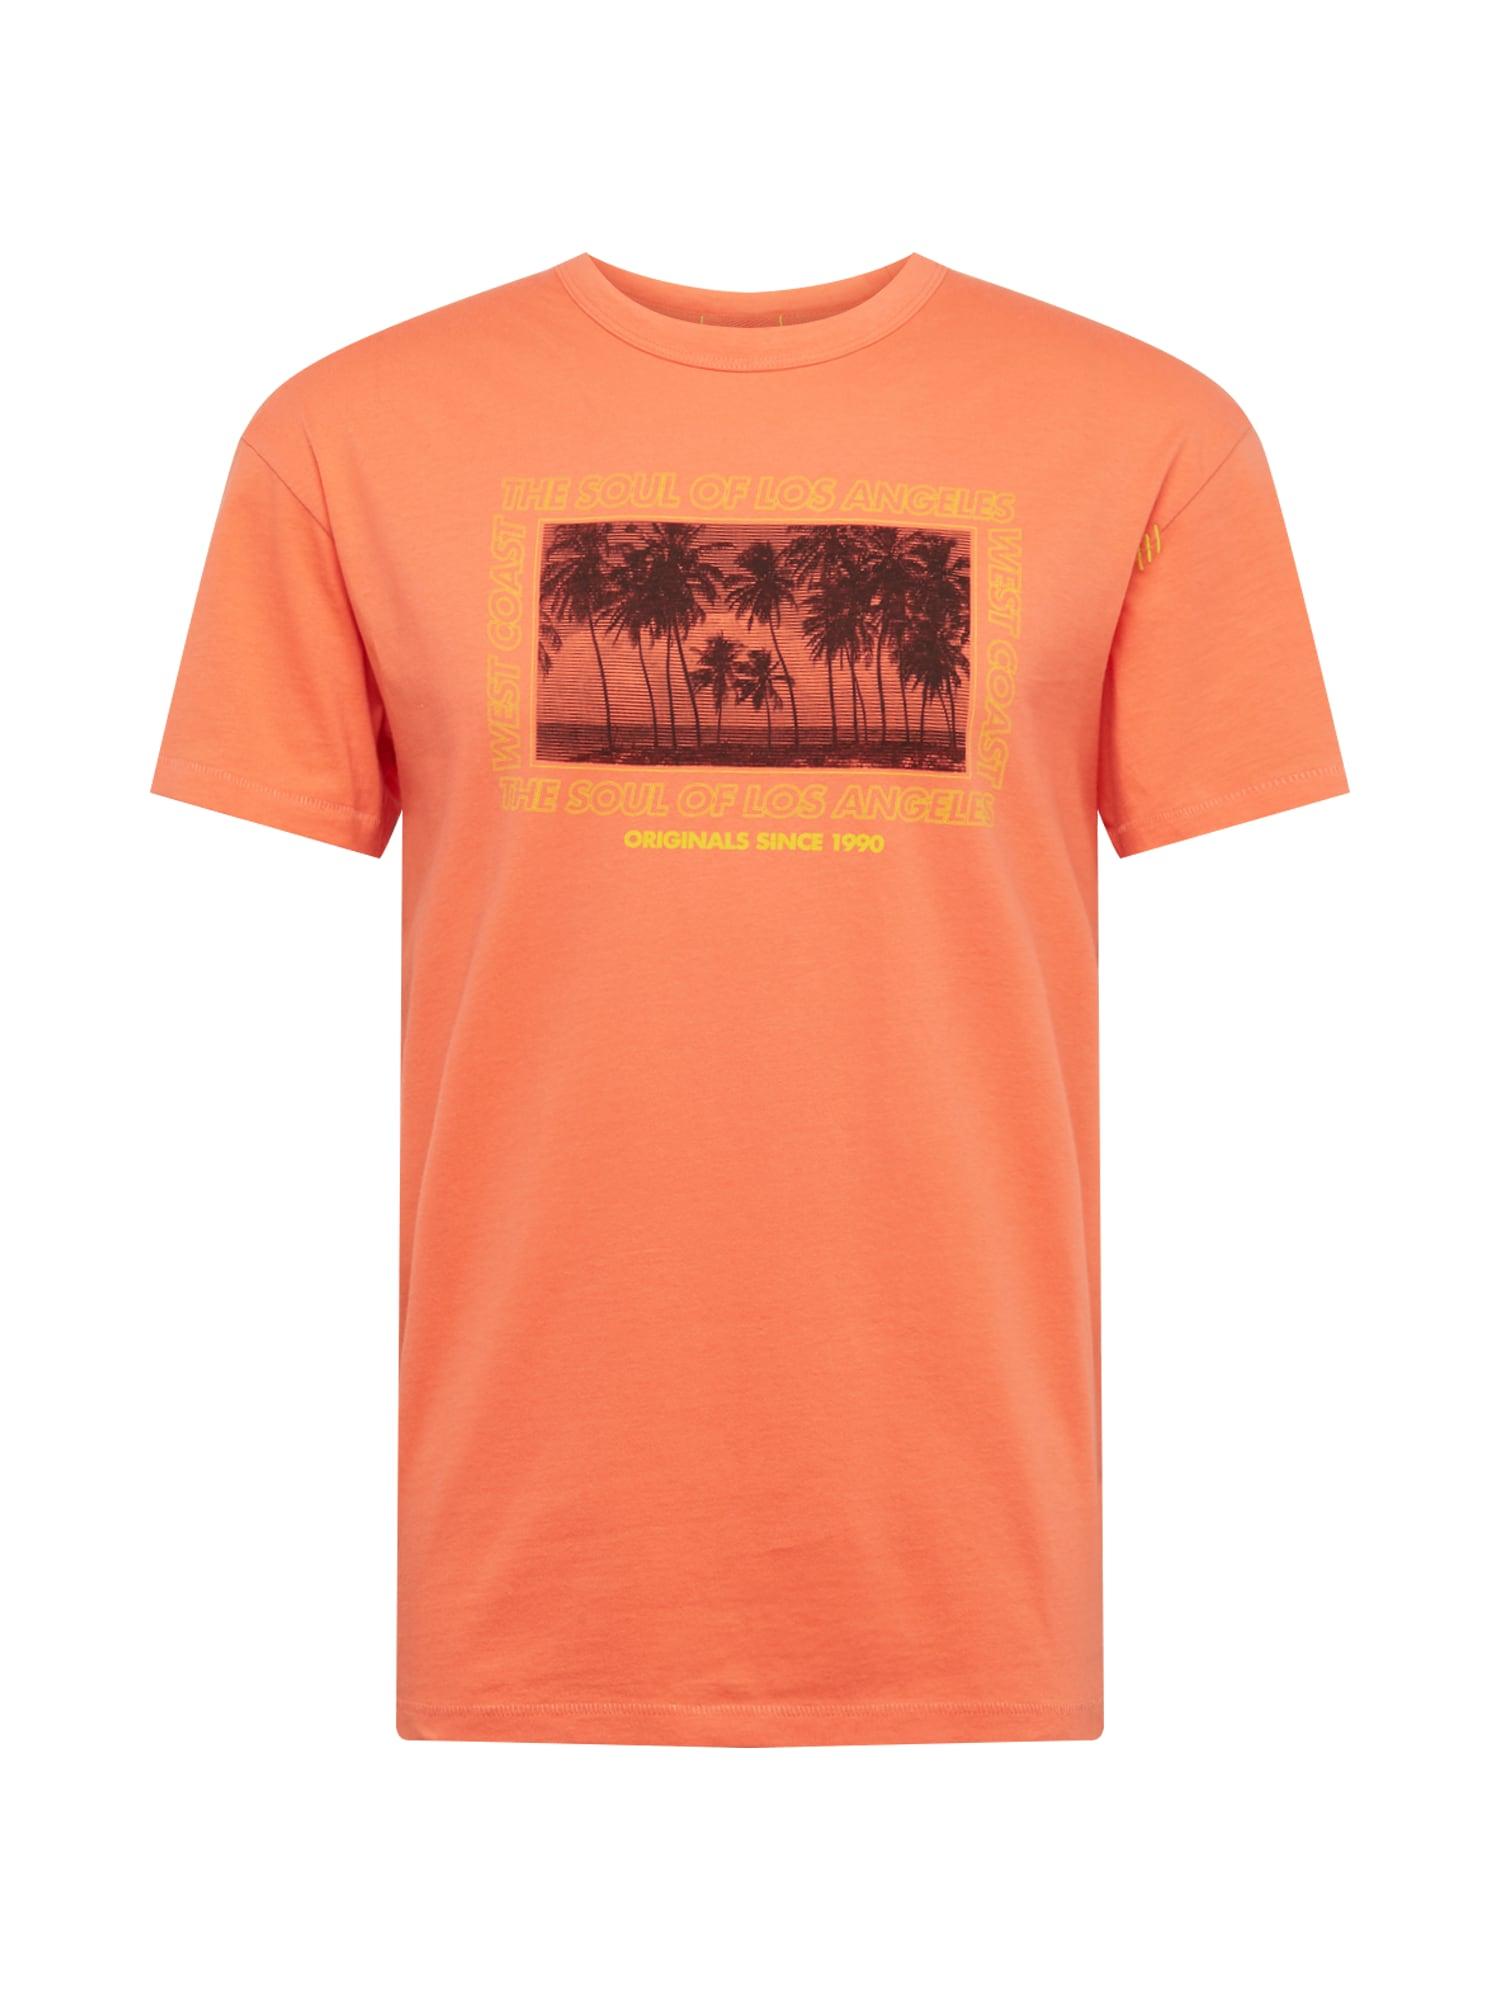 Tričko WESTCOAST žlutá oranžová černá JACK & JONES